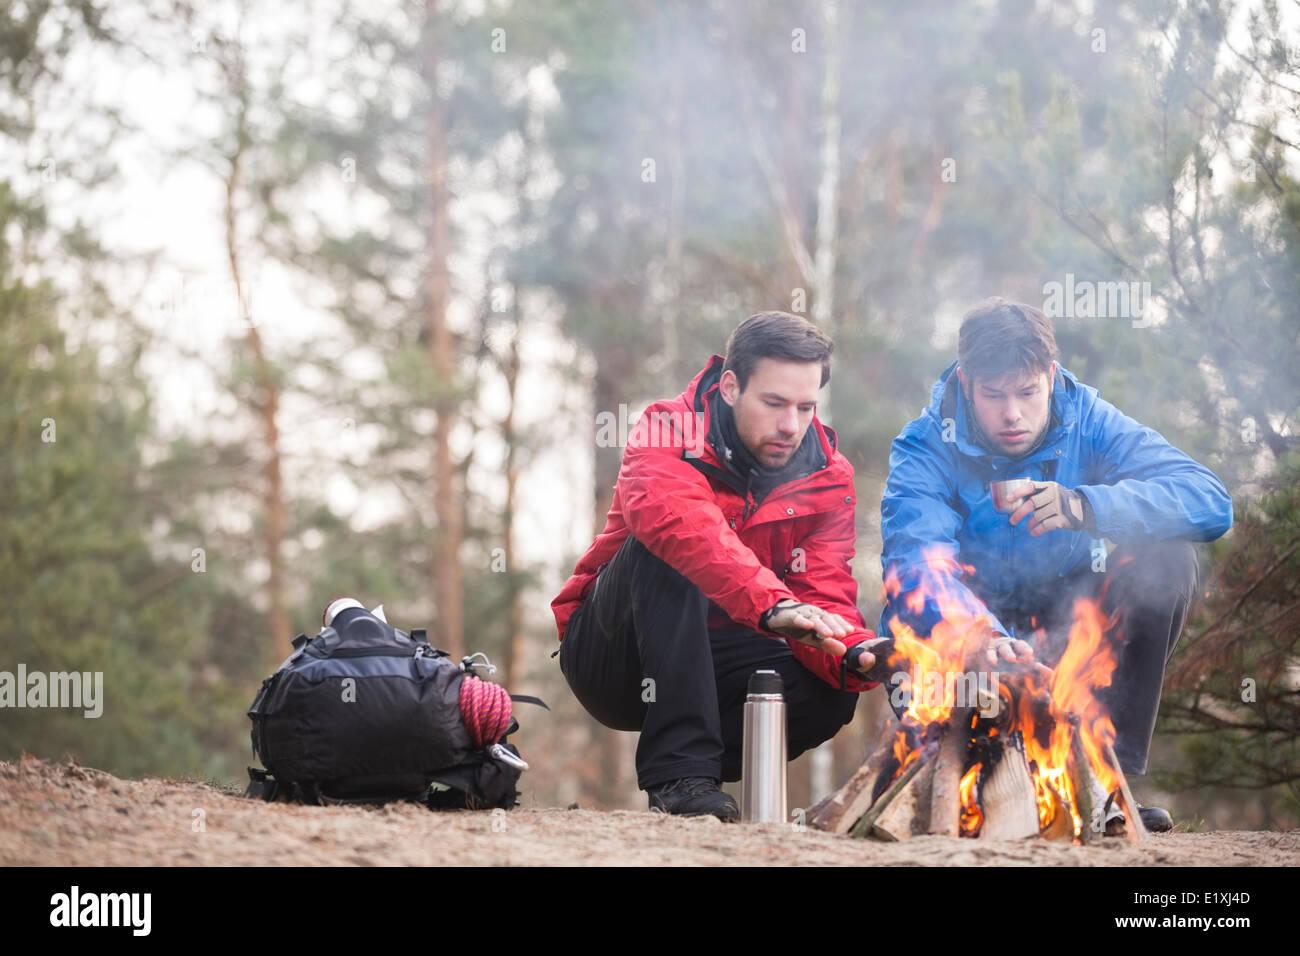 Männliche Wanderer Erwärmung Hände am Lagerfeuer im Wald Stockbild